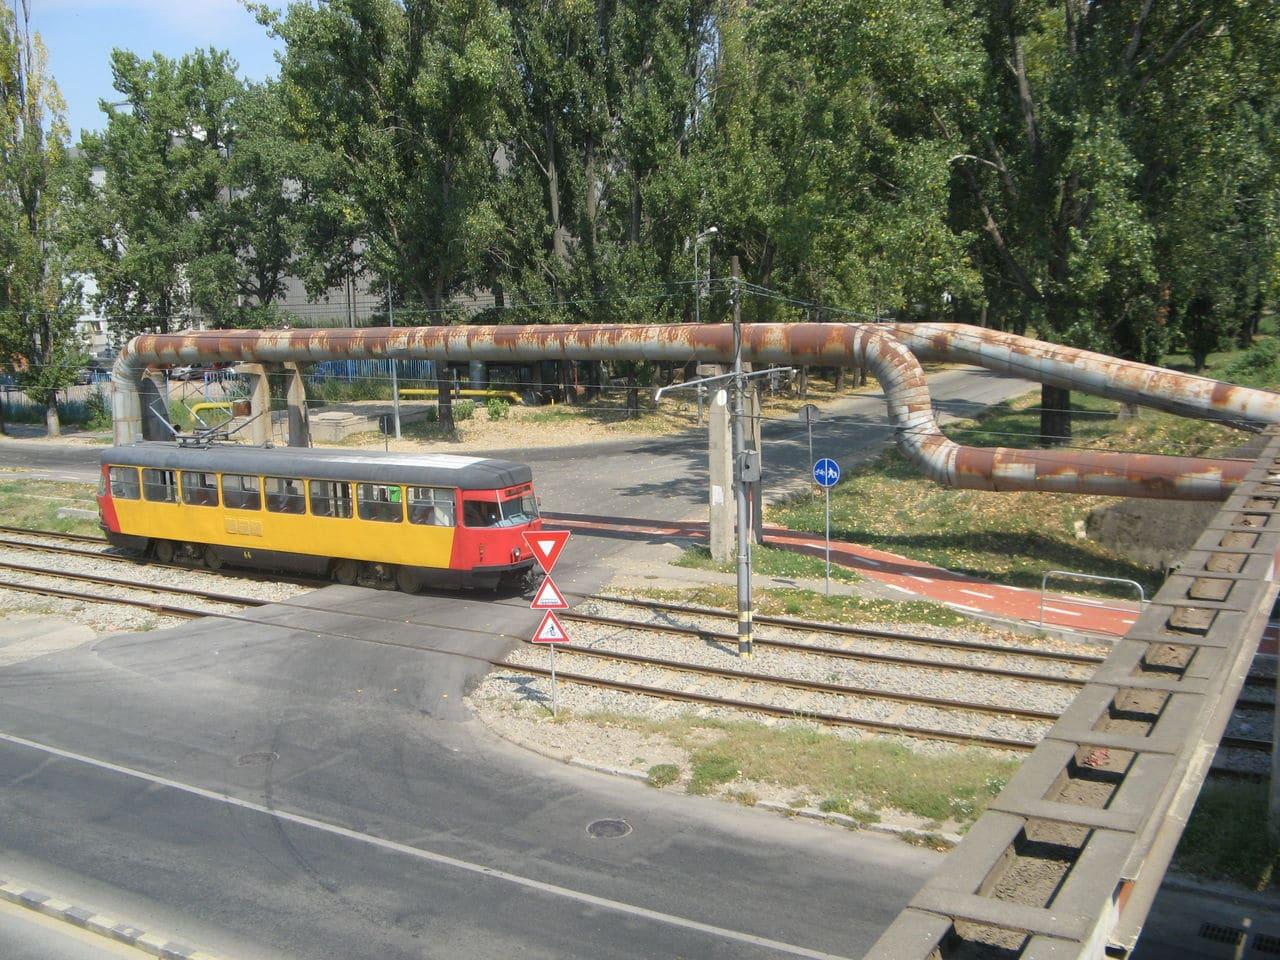 Calea ferată directă Oradea Vest - Episcopia Bihor IMG_0024